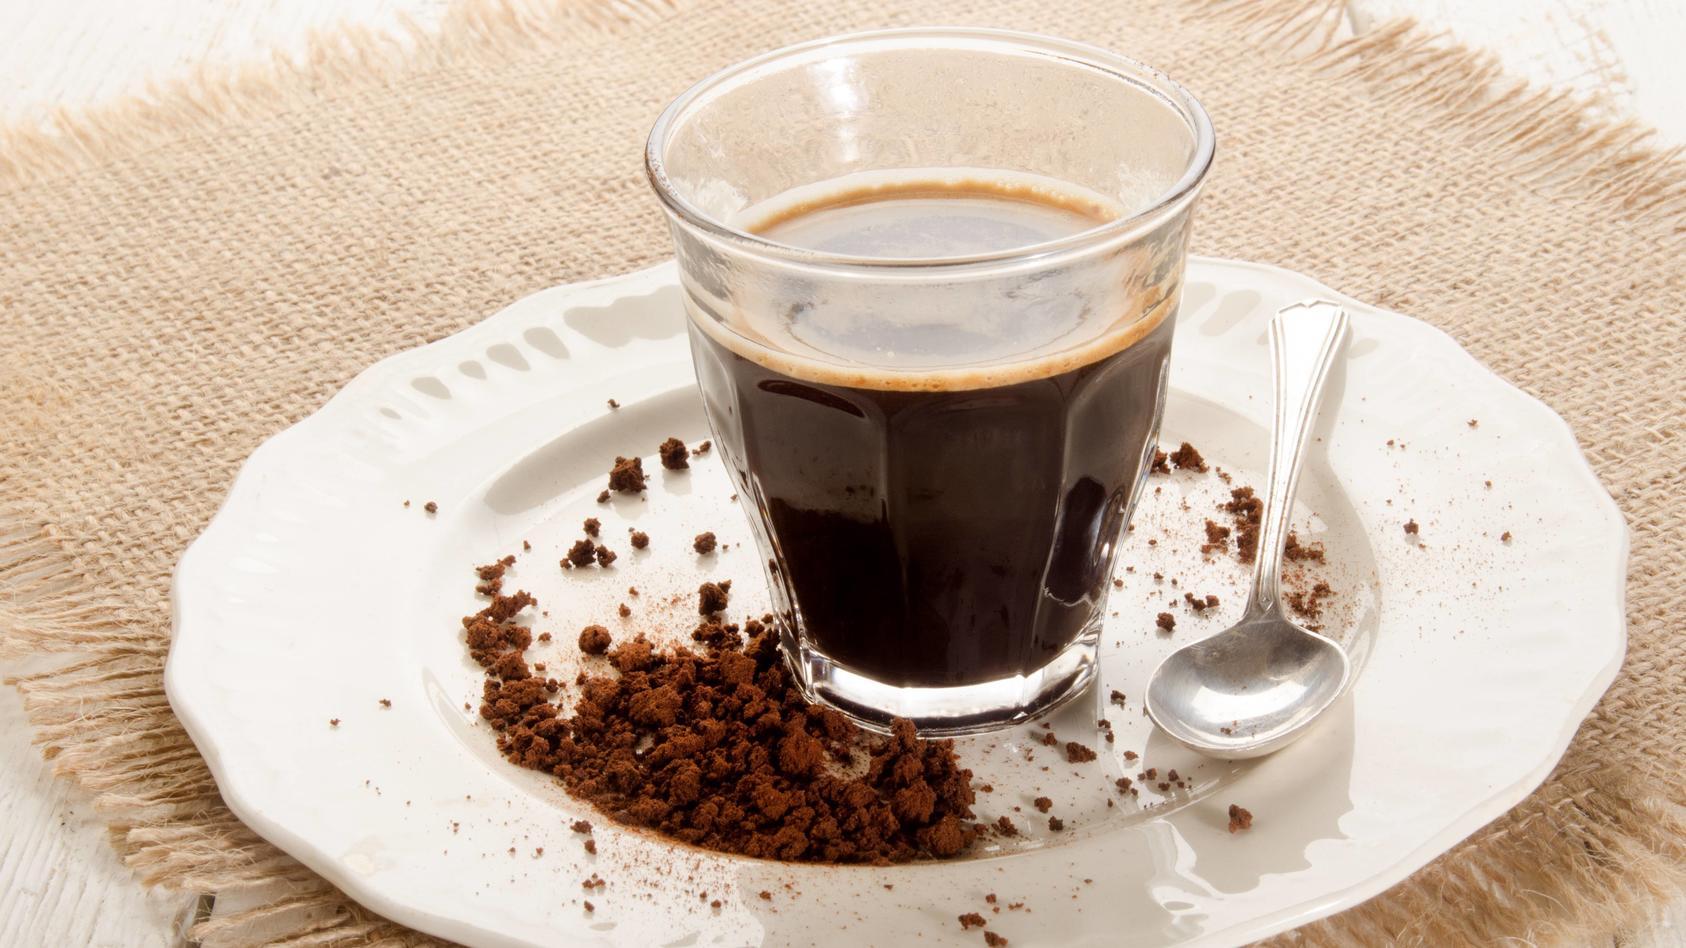 nestle-warnt-vor-gefalschtem-kaffee-dieser-kann-zu-erheblichen-gesundheitsschaden-fuhren